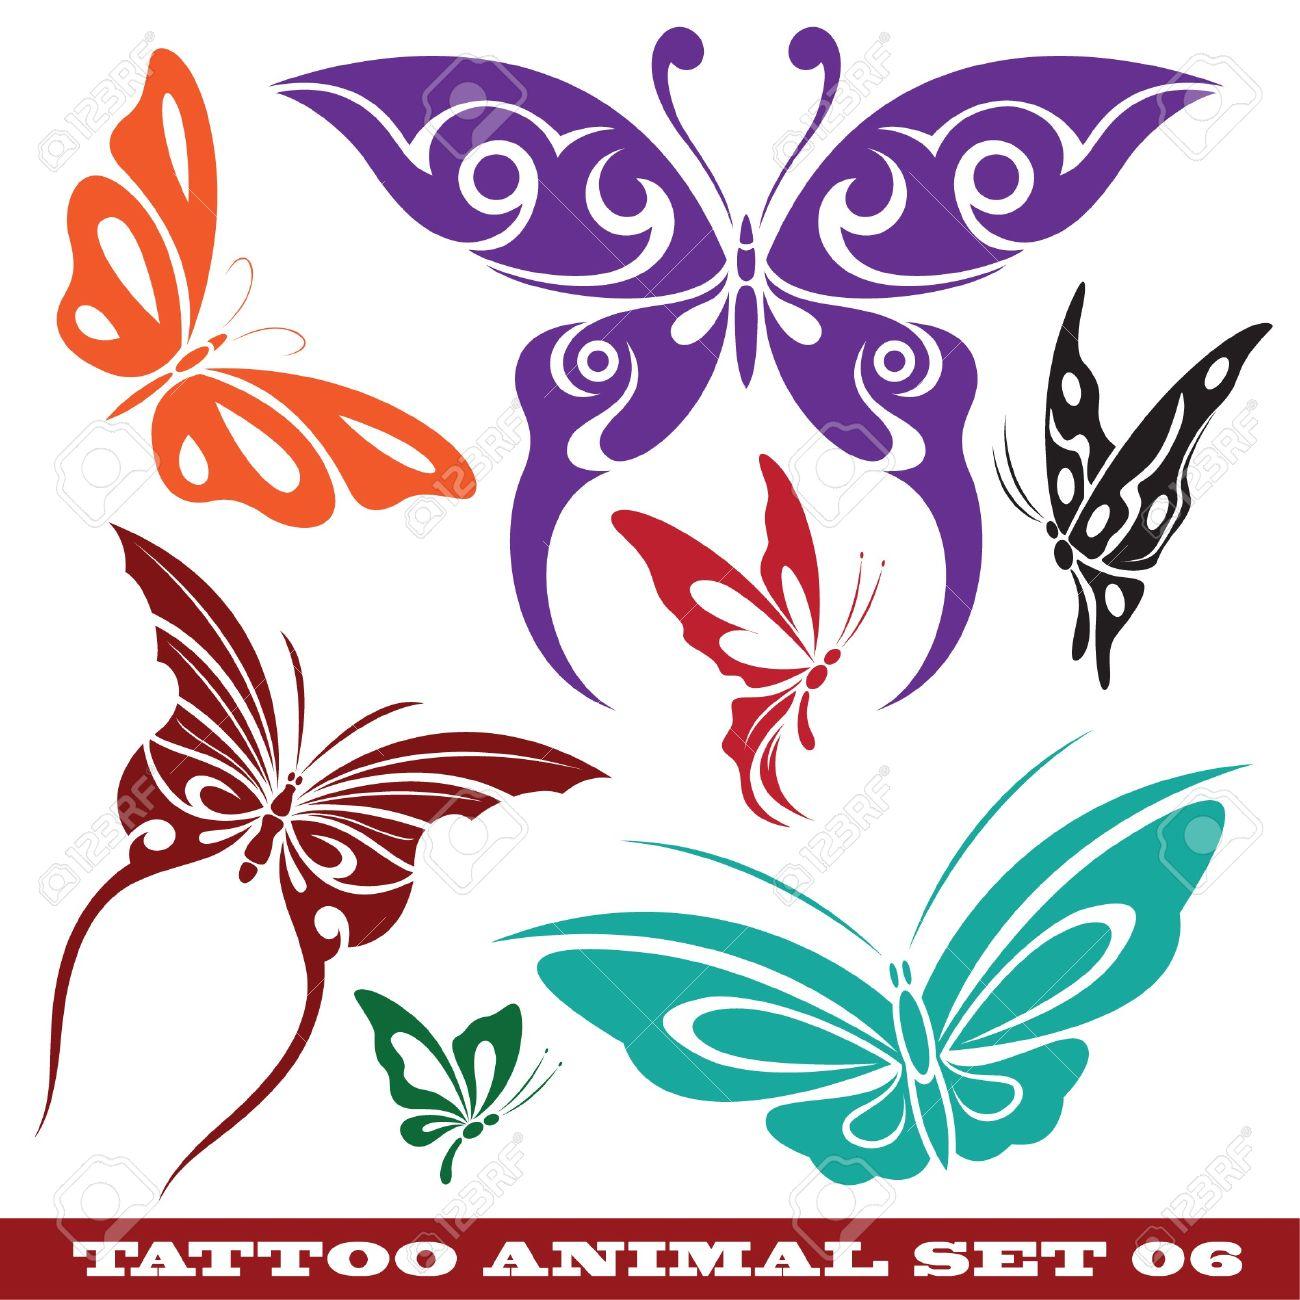 Plantillas De Mariposa Para Tatuaje Y Diseño Sobre Diferentes Temas